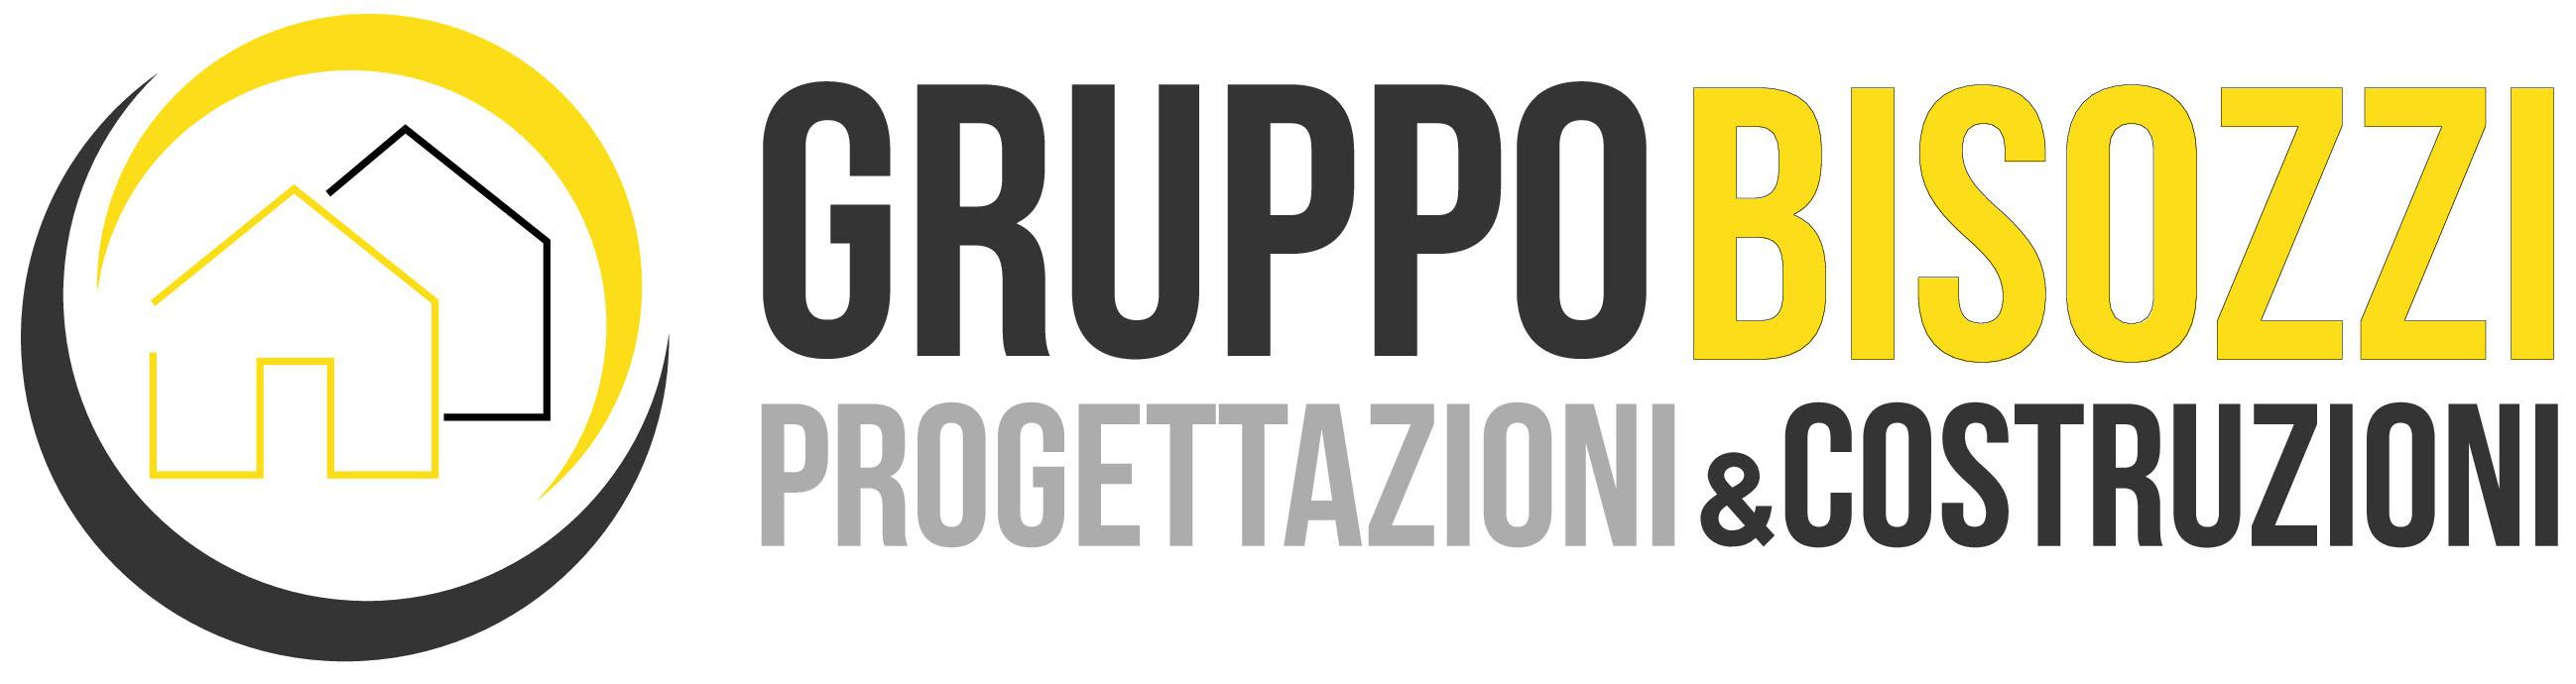 Gruppo Bisozzi - Progettazioni e costruzioni